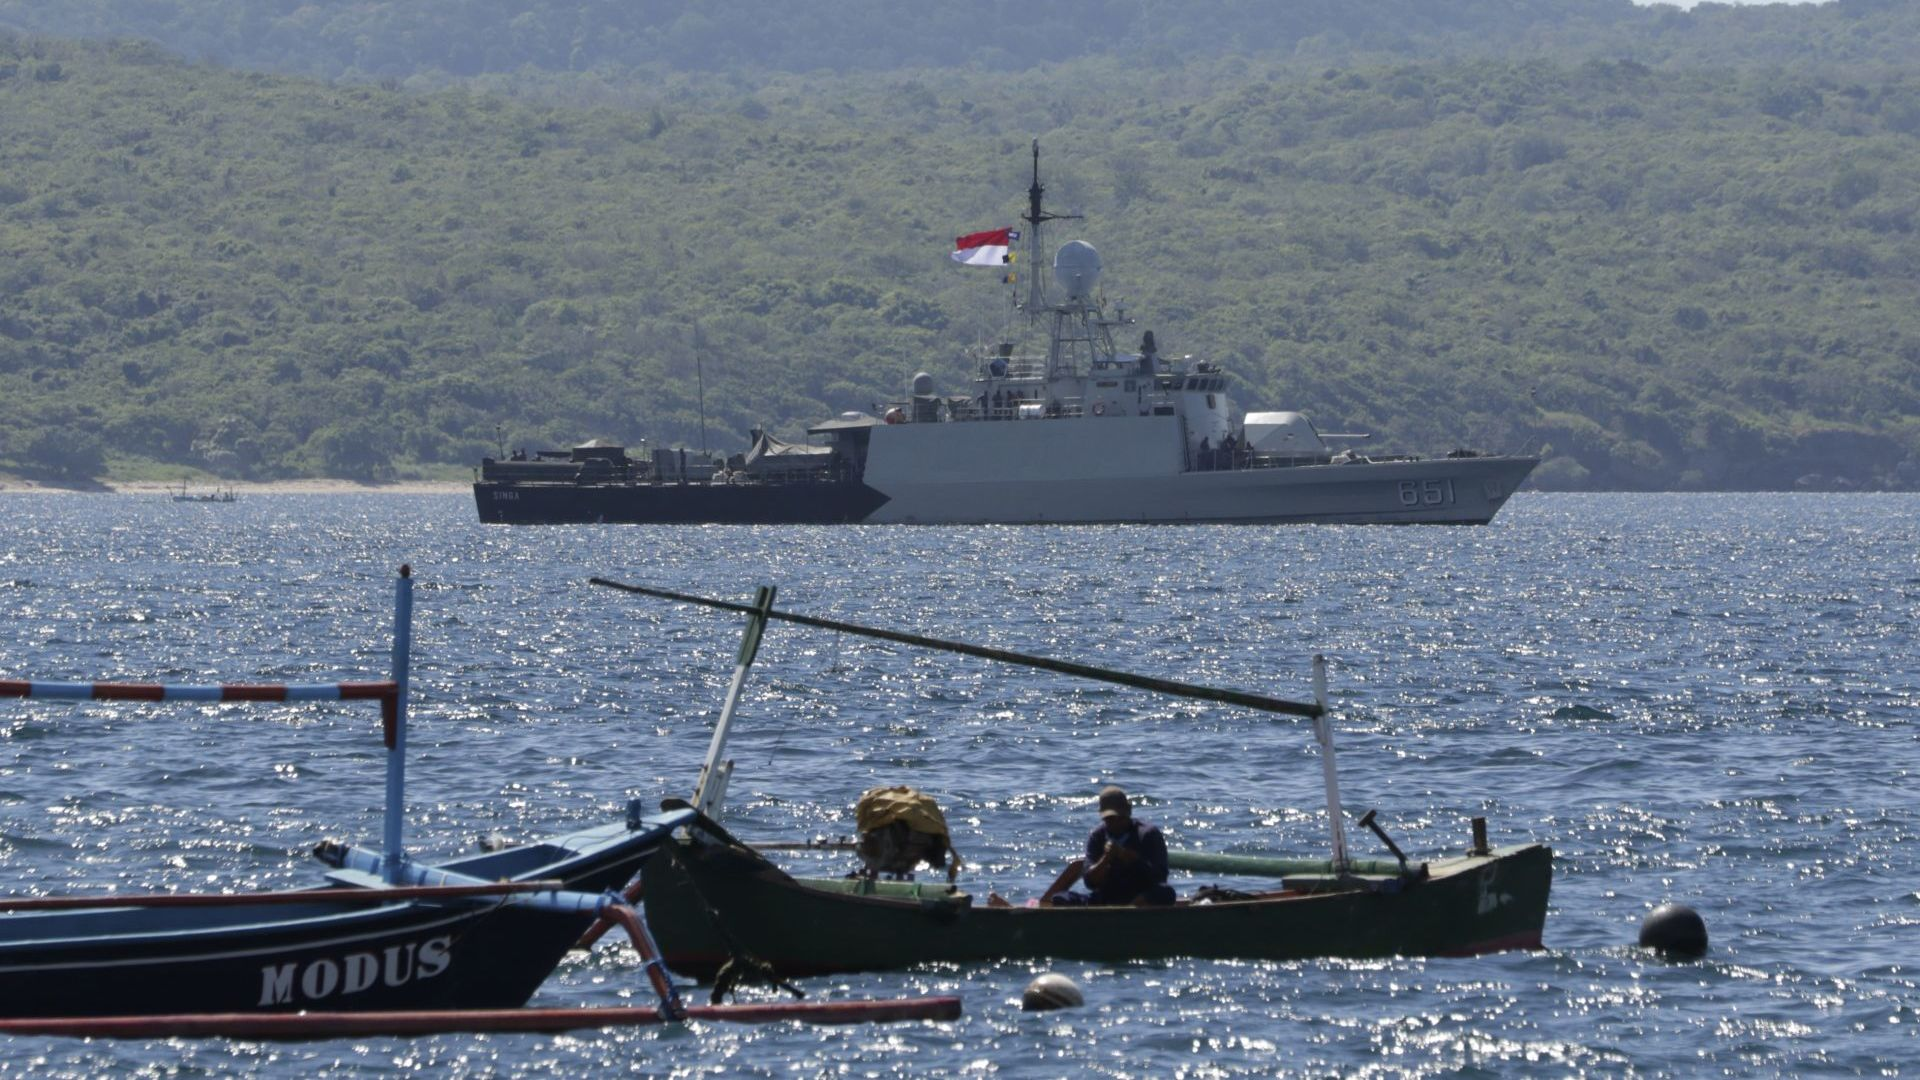 Откриха отломки от индонезийската подводница, екипажът вероятно не е оцелял